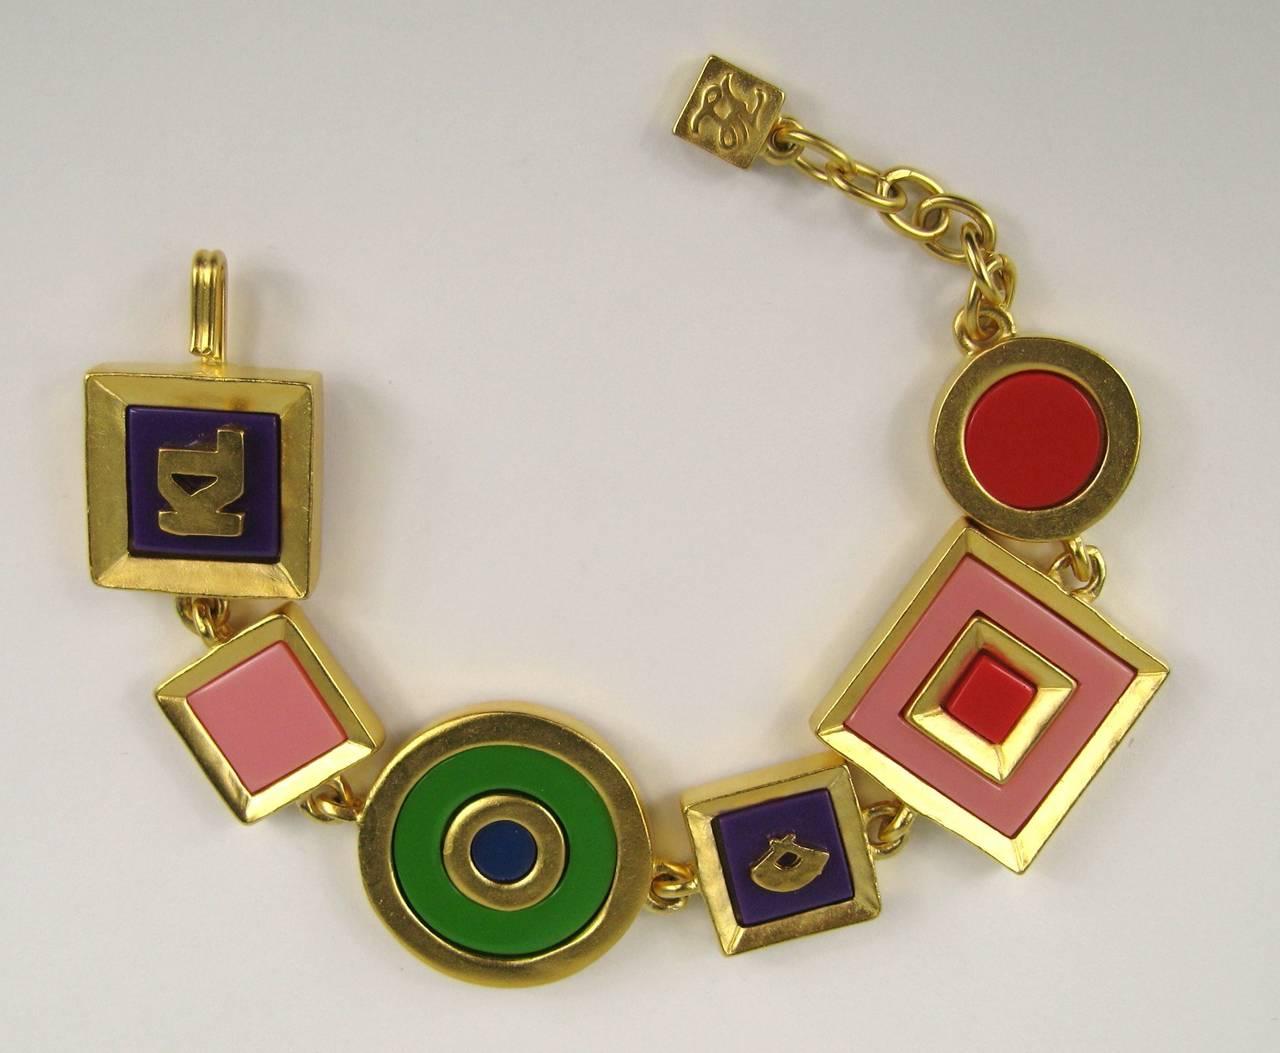 Karl Lagerfeld Charm Enameled Gilt Bracelet 1980s New,  Never Worn  2